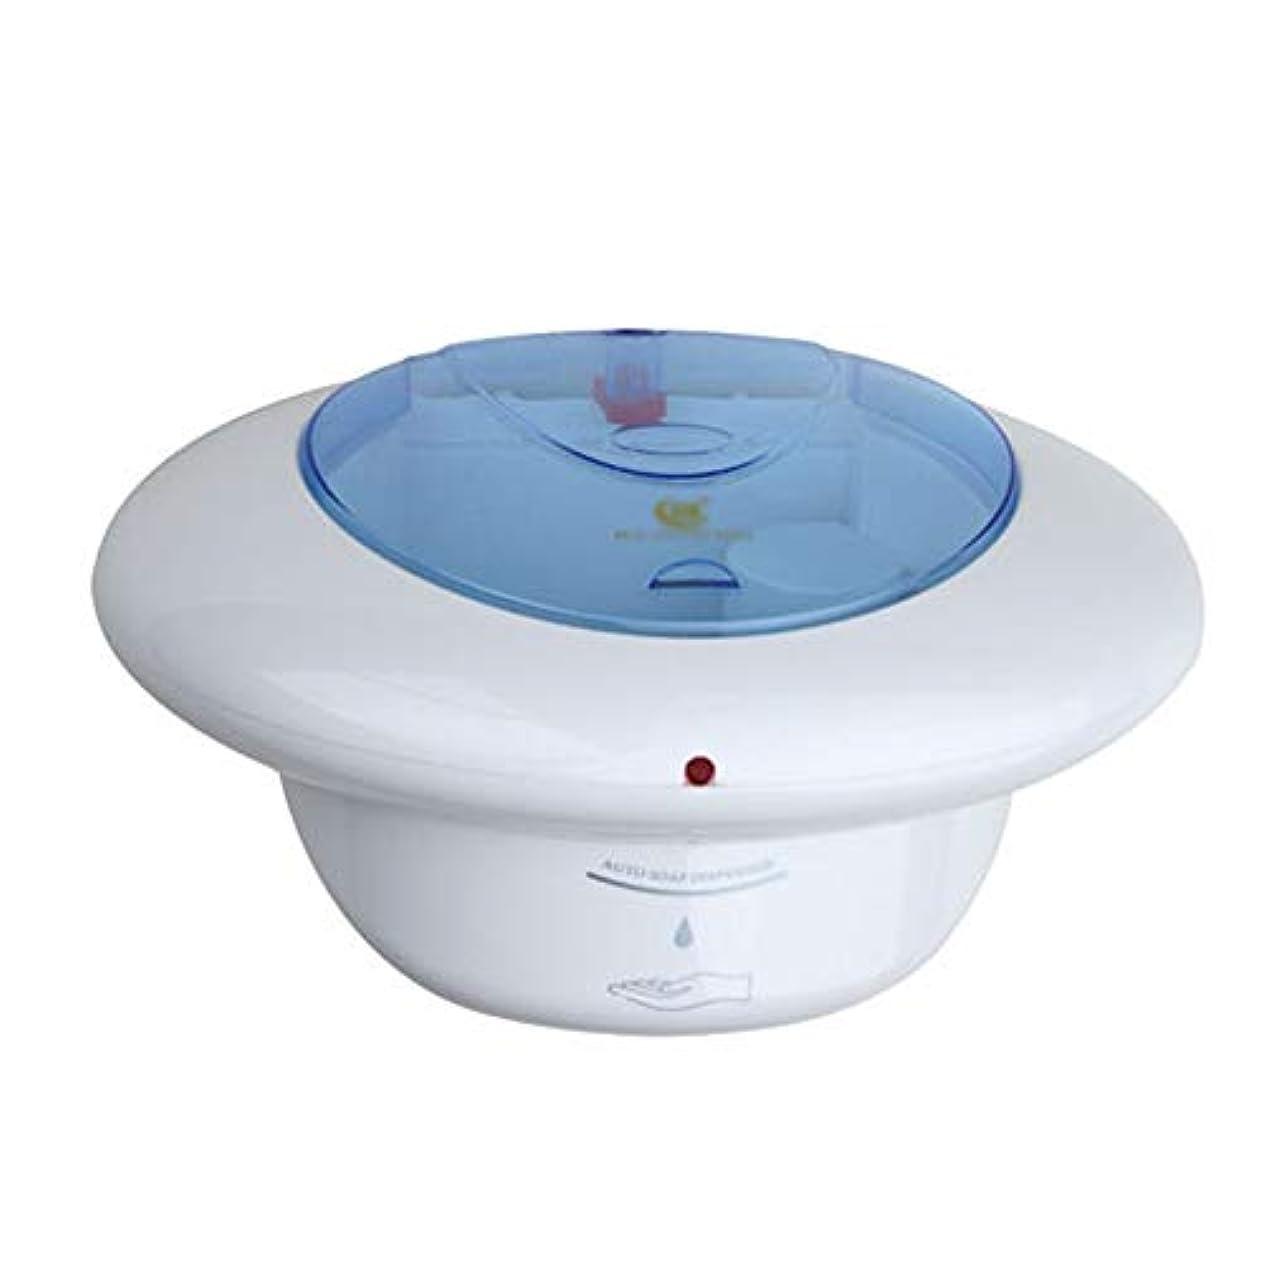 保安窓を洗う非難するソープディスペンサー 700mlの容量赤外線検出壁掛け自動ソープディスペンサー ハンドソープ 食器用洗剤 キッチン 洗面所などに適用 (Color : White, Size : One size)